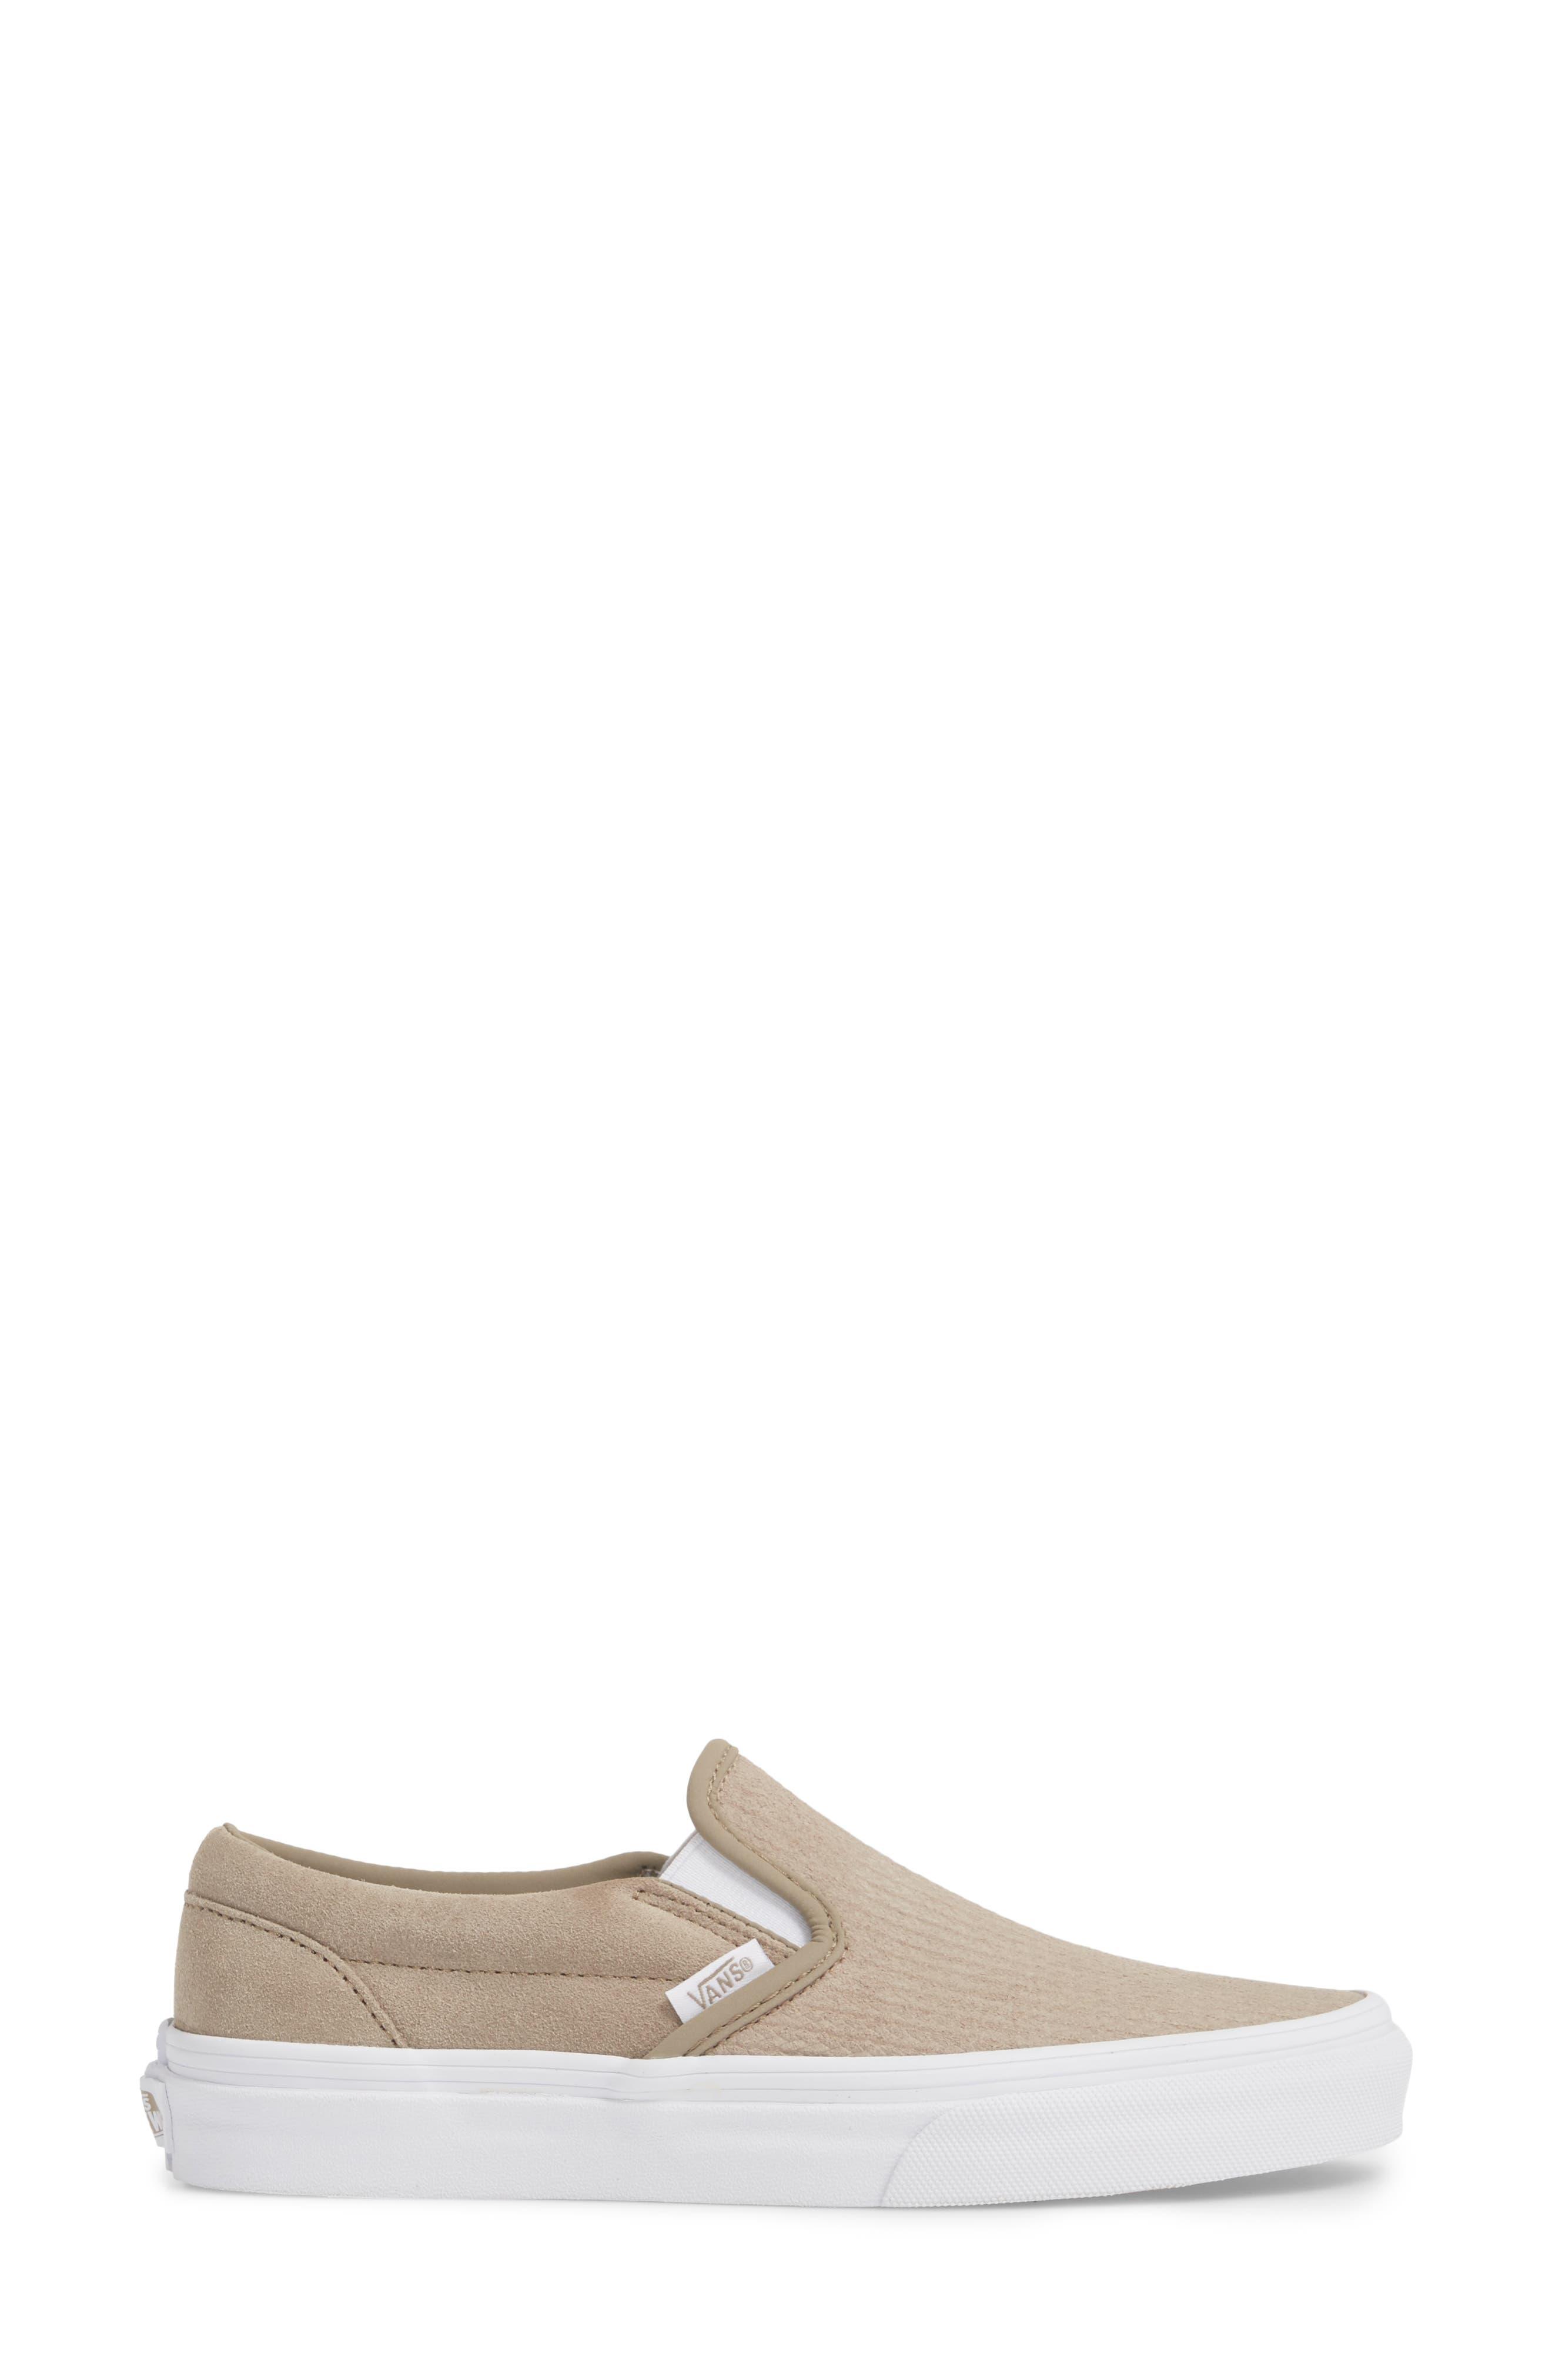 Classic Slip-On Sneaker,                             Alternate thumbnail 3, color,                             DESERT TAUPE/ EMBOSS SUEDE